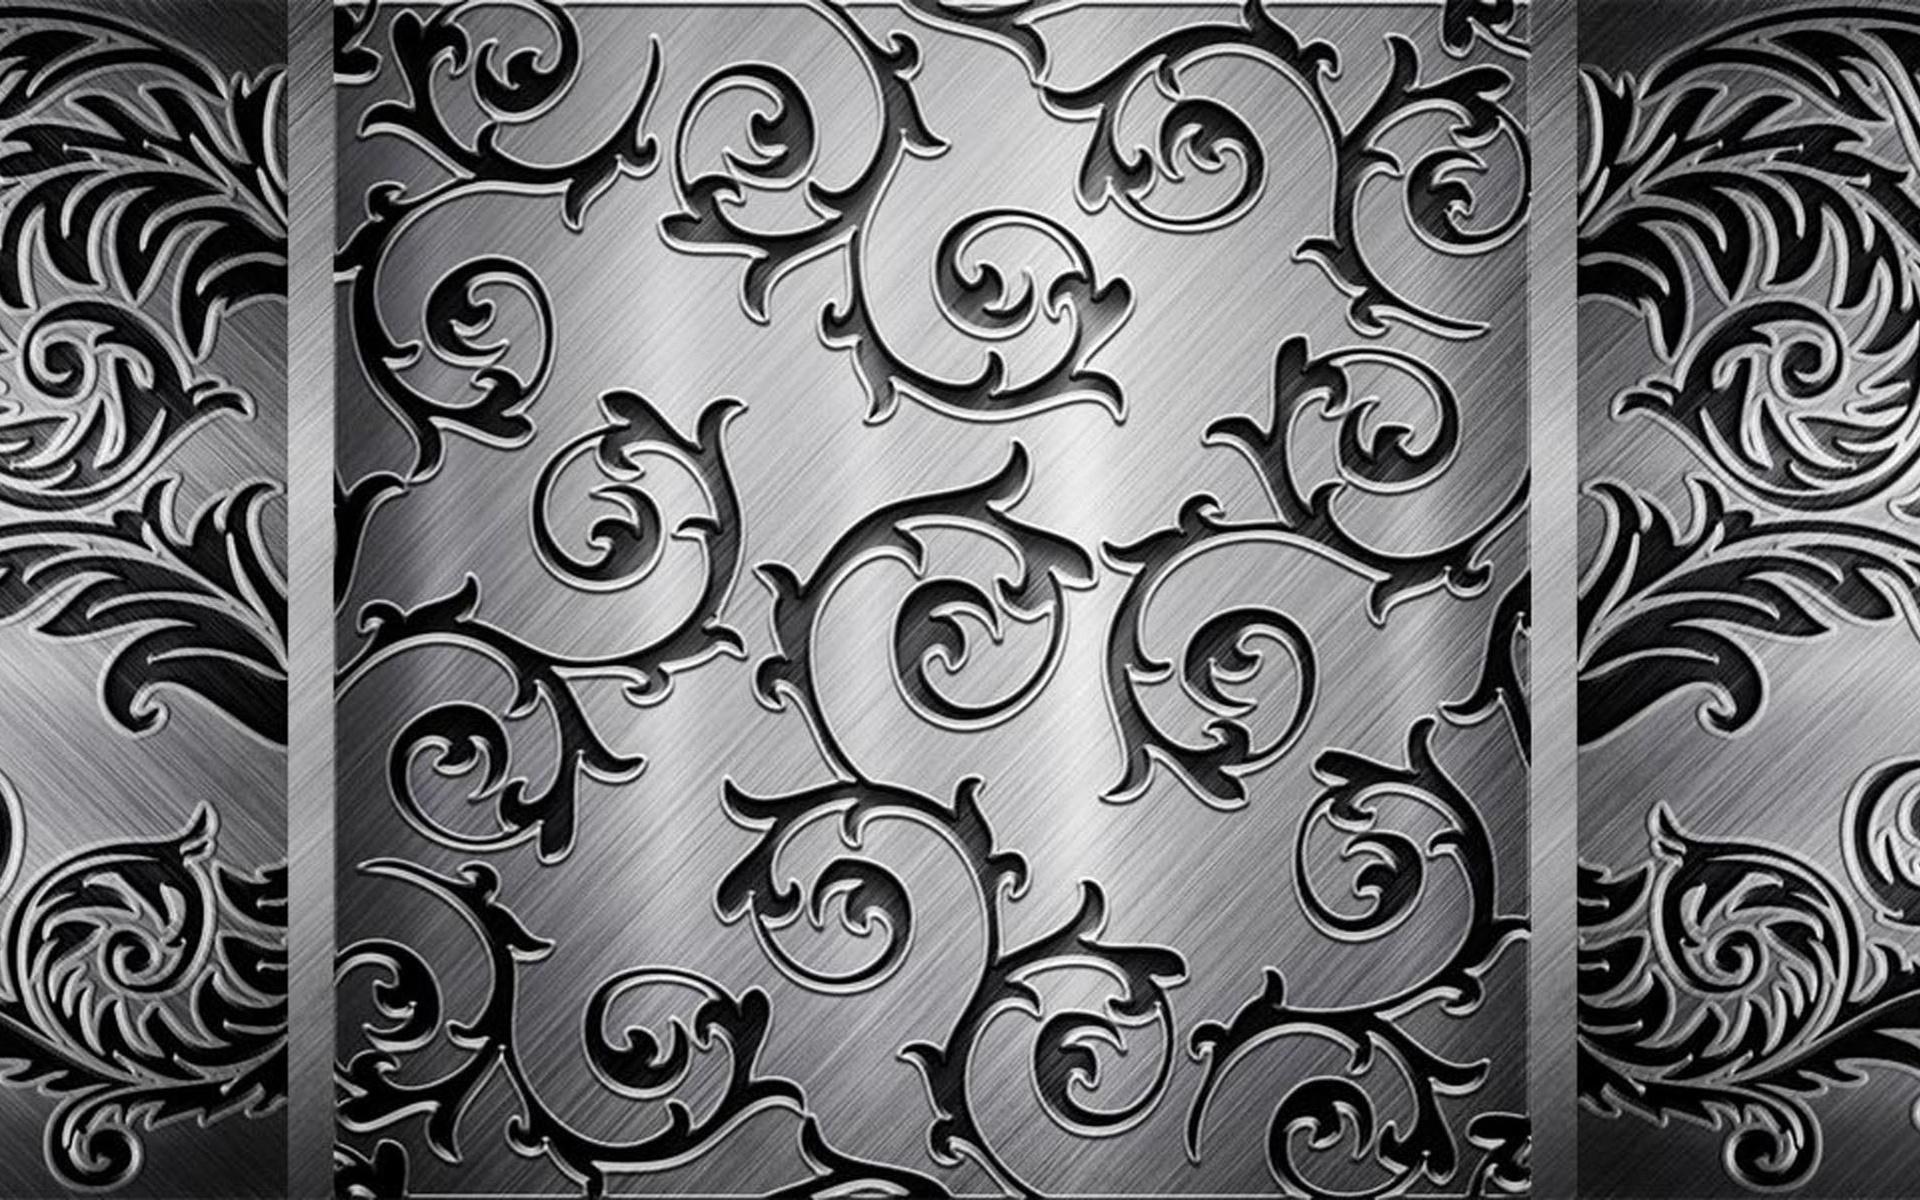 металлический узор, скачать фото, metal wallapper, background